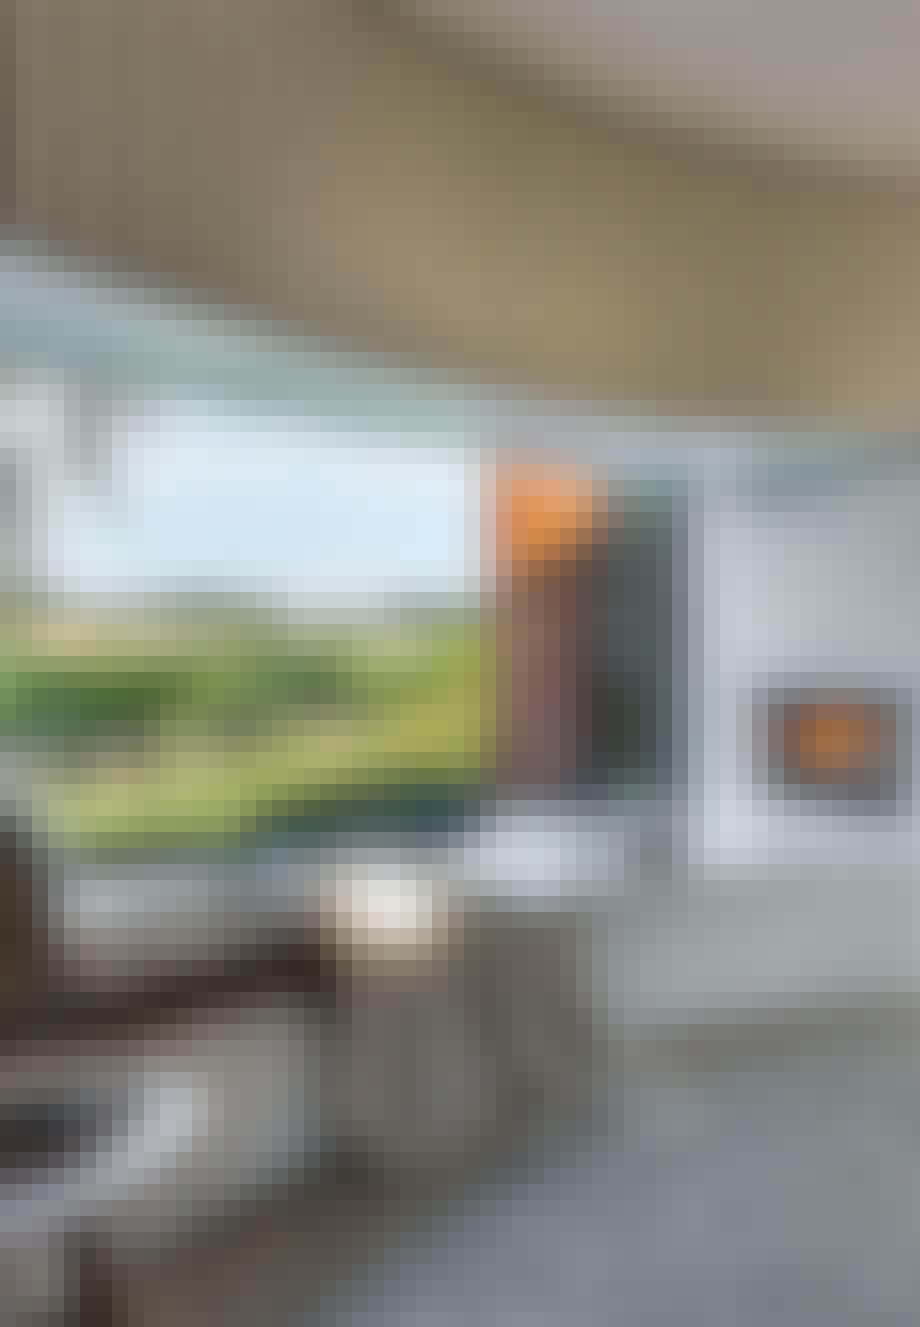 Cylinderformet sommerhus med natursmuk udsigt